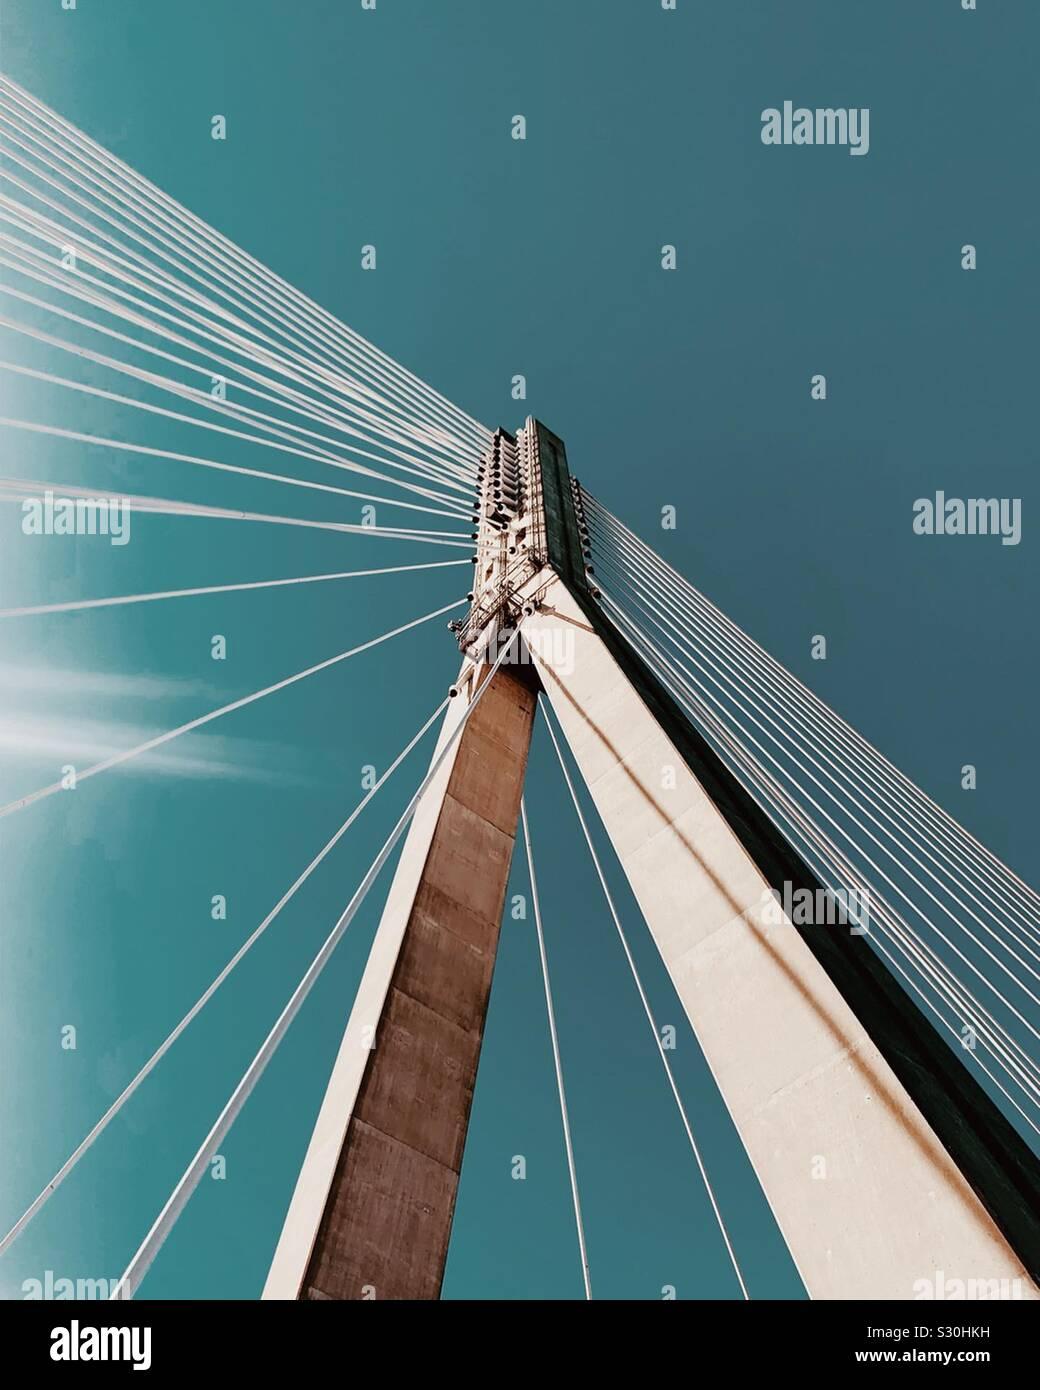 Suspensión moderno puente sobre el río Vístula en Varsovia, Polonia Foto de stock